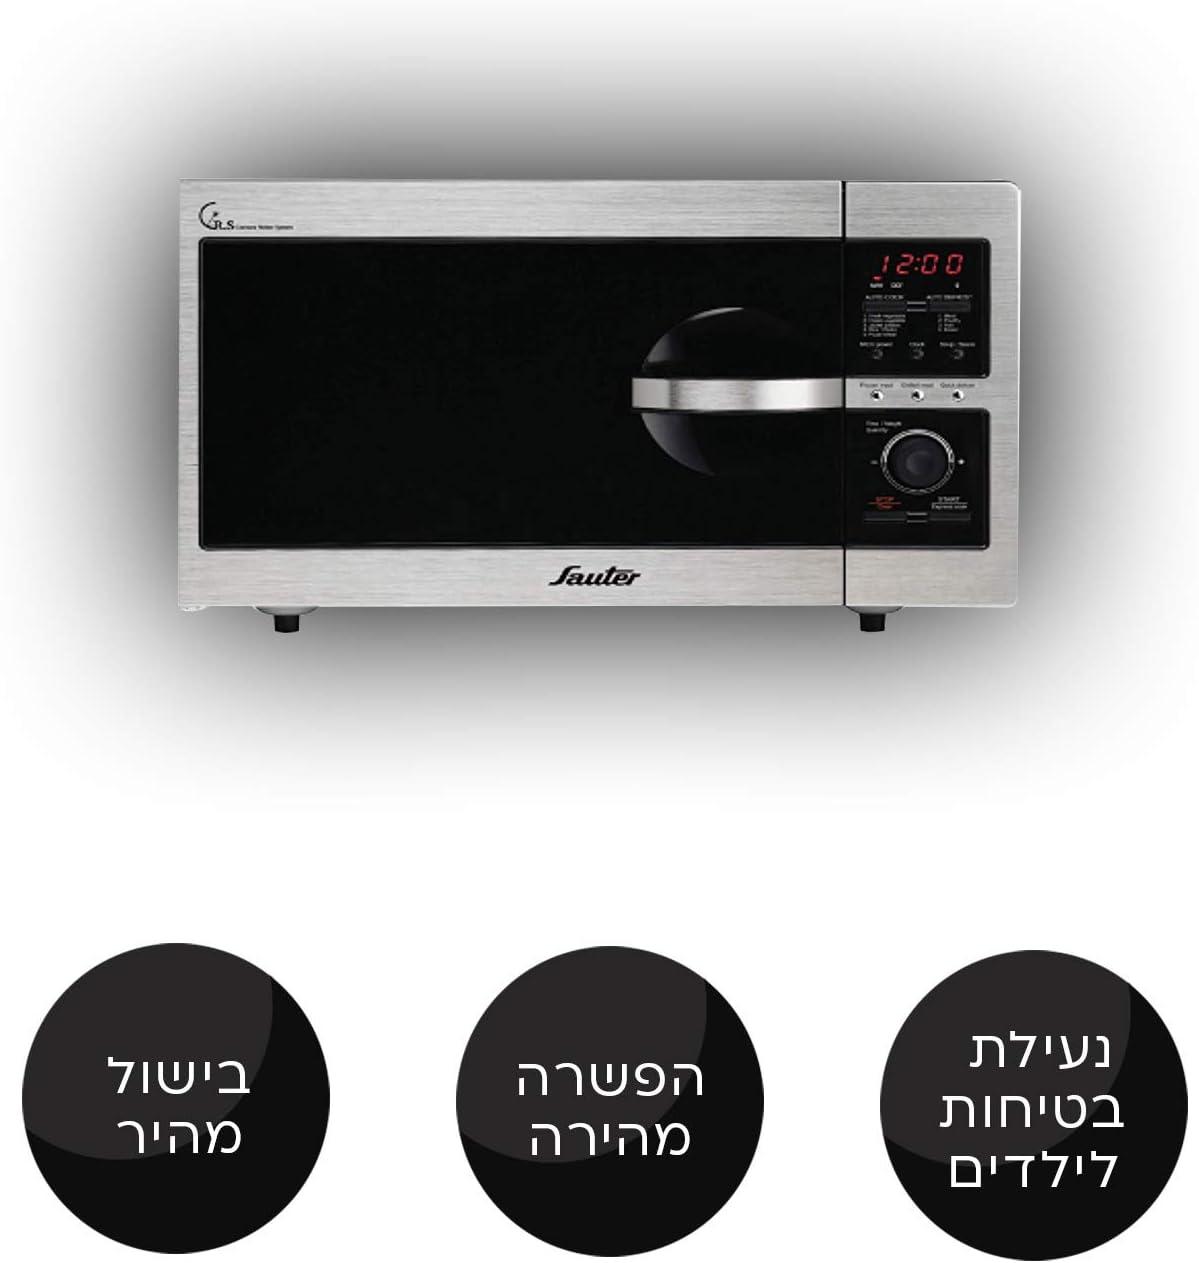 Amazon.com: Sauter MW926: Horno de microondas digital de ...